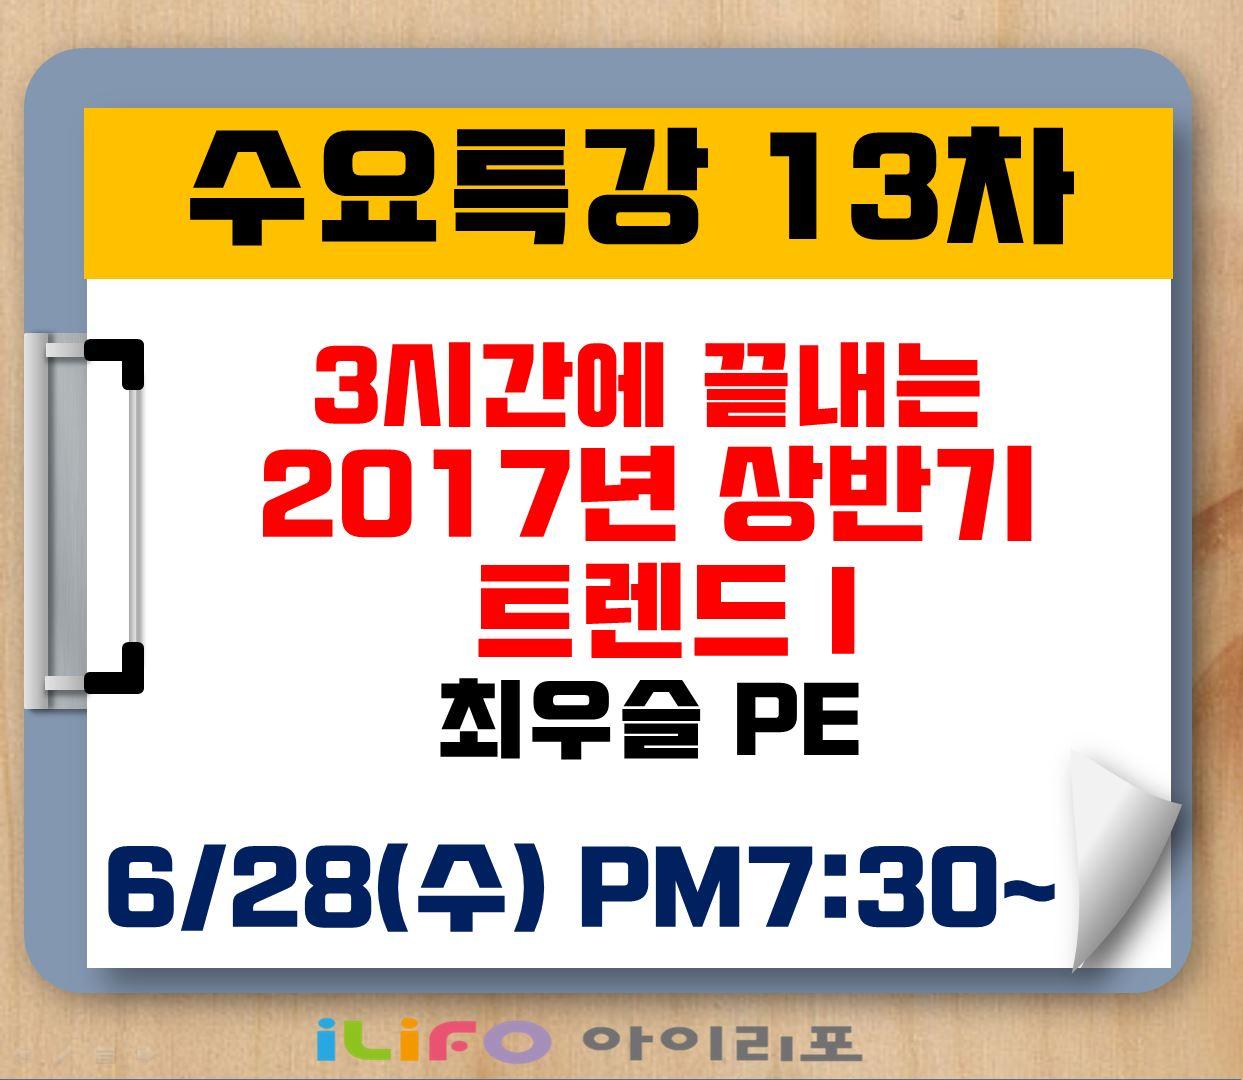 [수요특강 13차] 시간에 끝내는 2017년 상반기 트렌드 I _최우슬 PE(6/28)